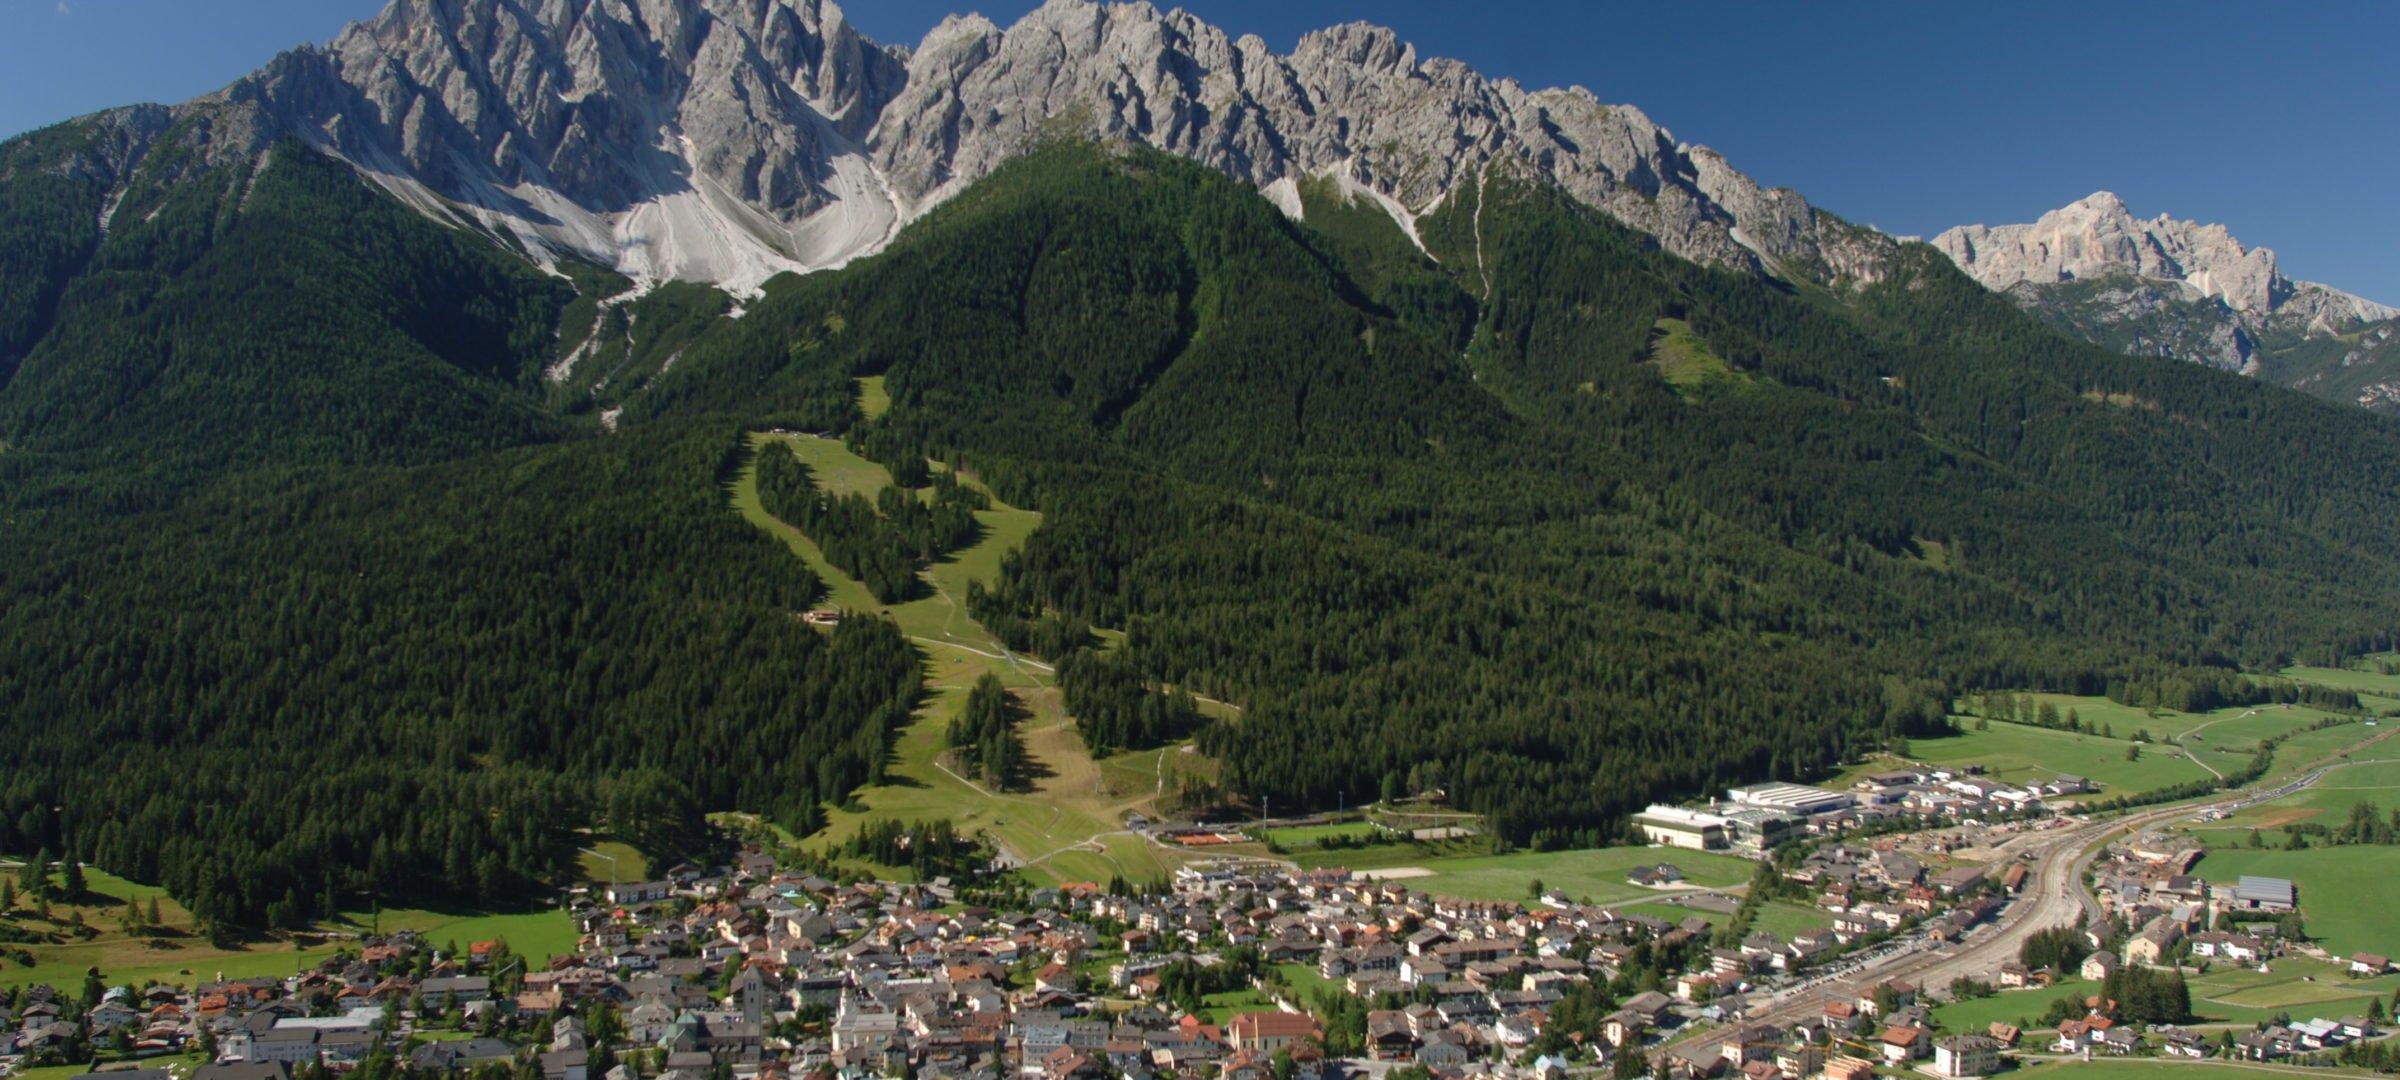 Grünre Urlaub in Südtirol